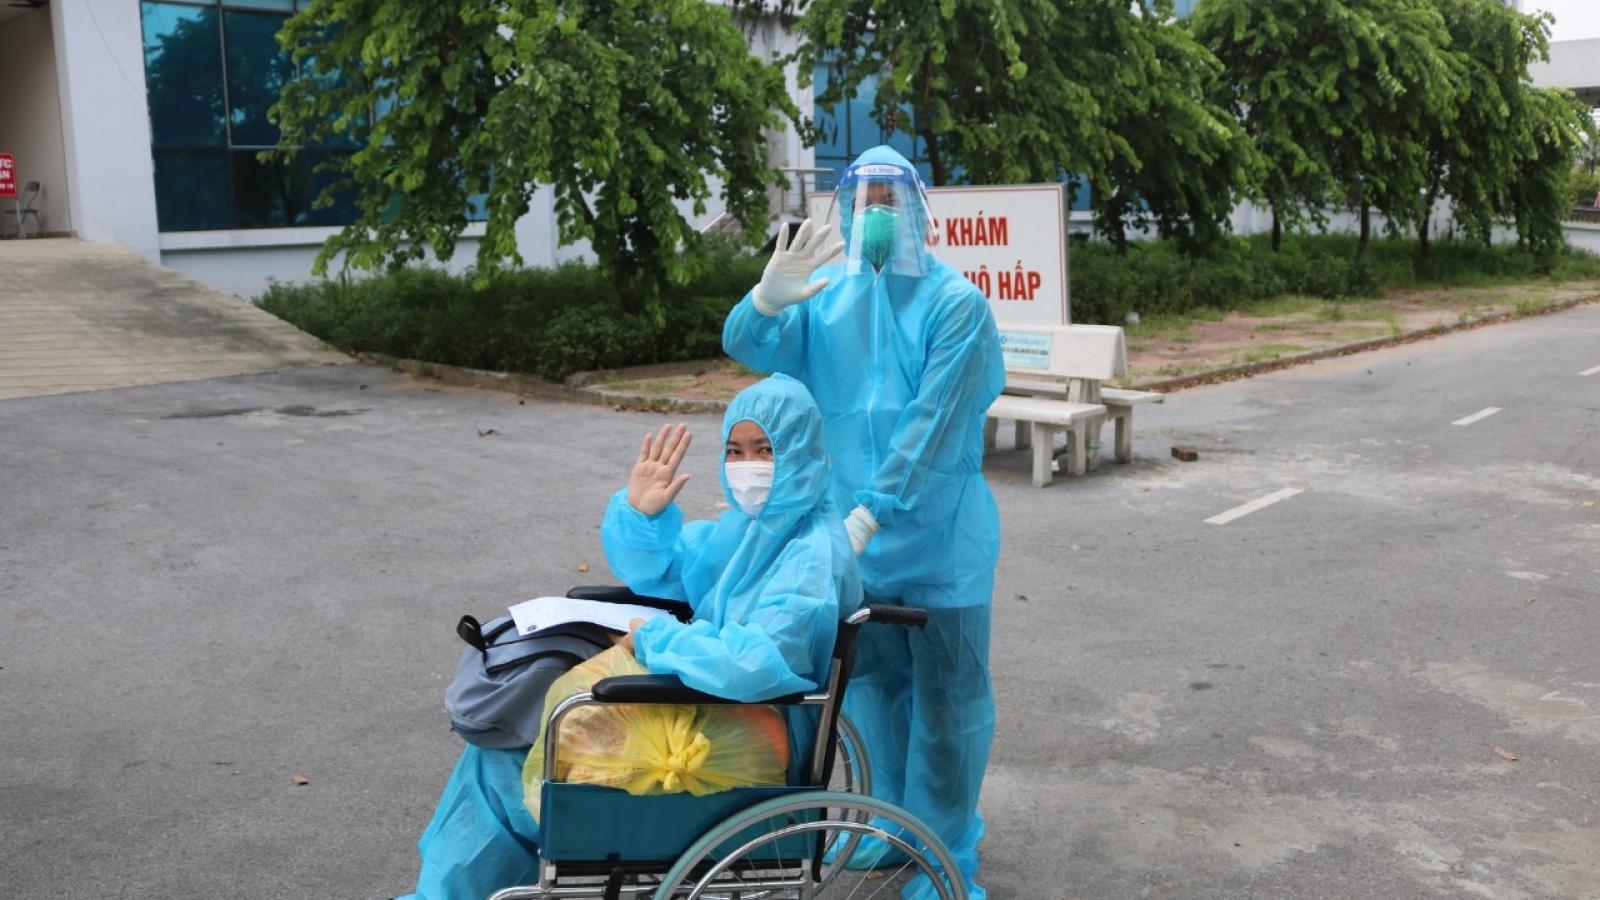 Bệnh nhân COVID-19 nguy kịch đã được xuất viện sau 6 lần phải điều trị lọc máu